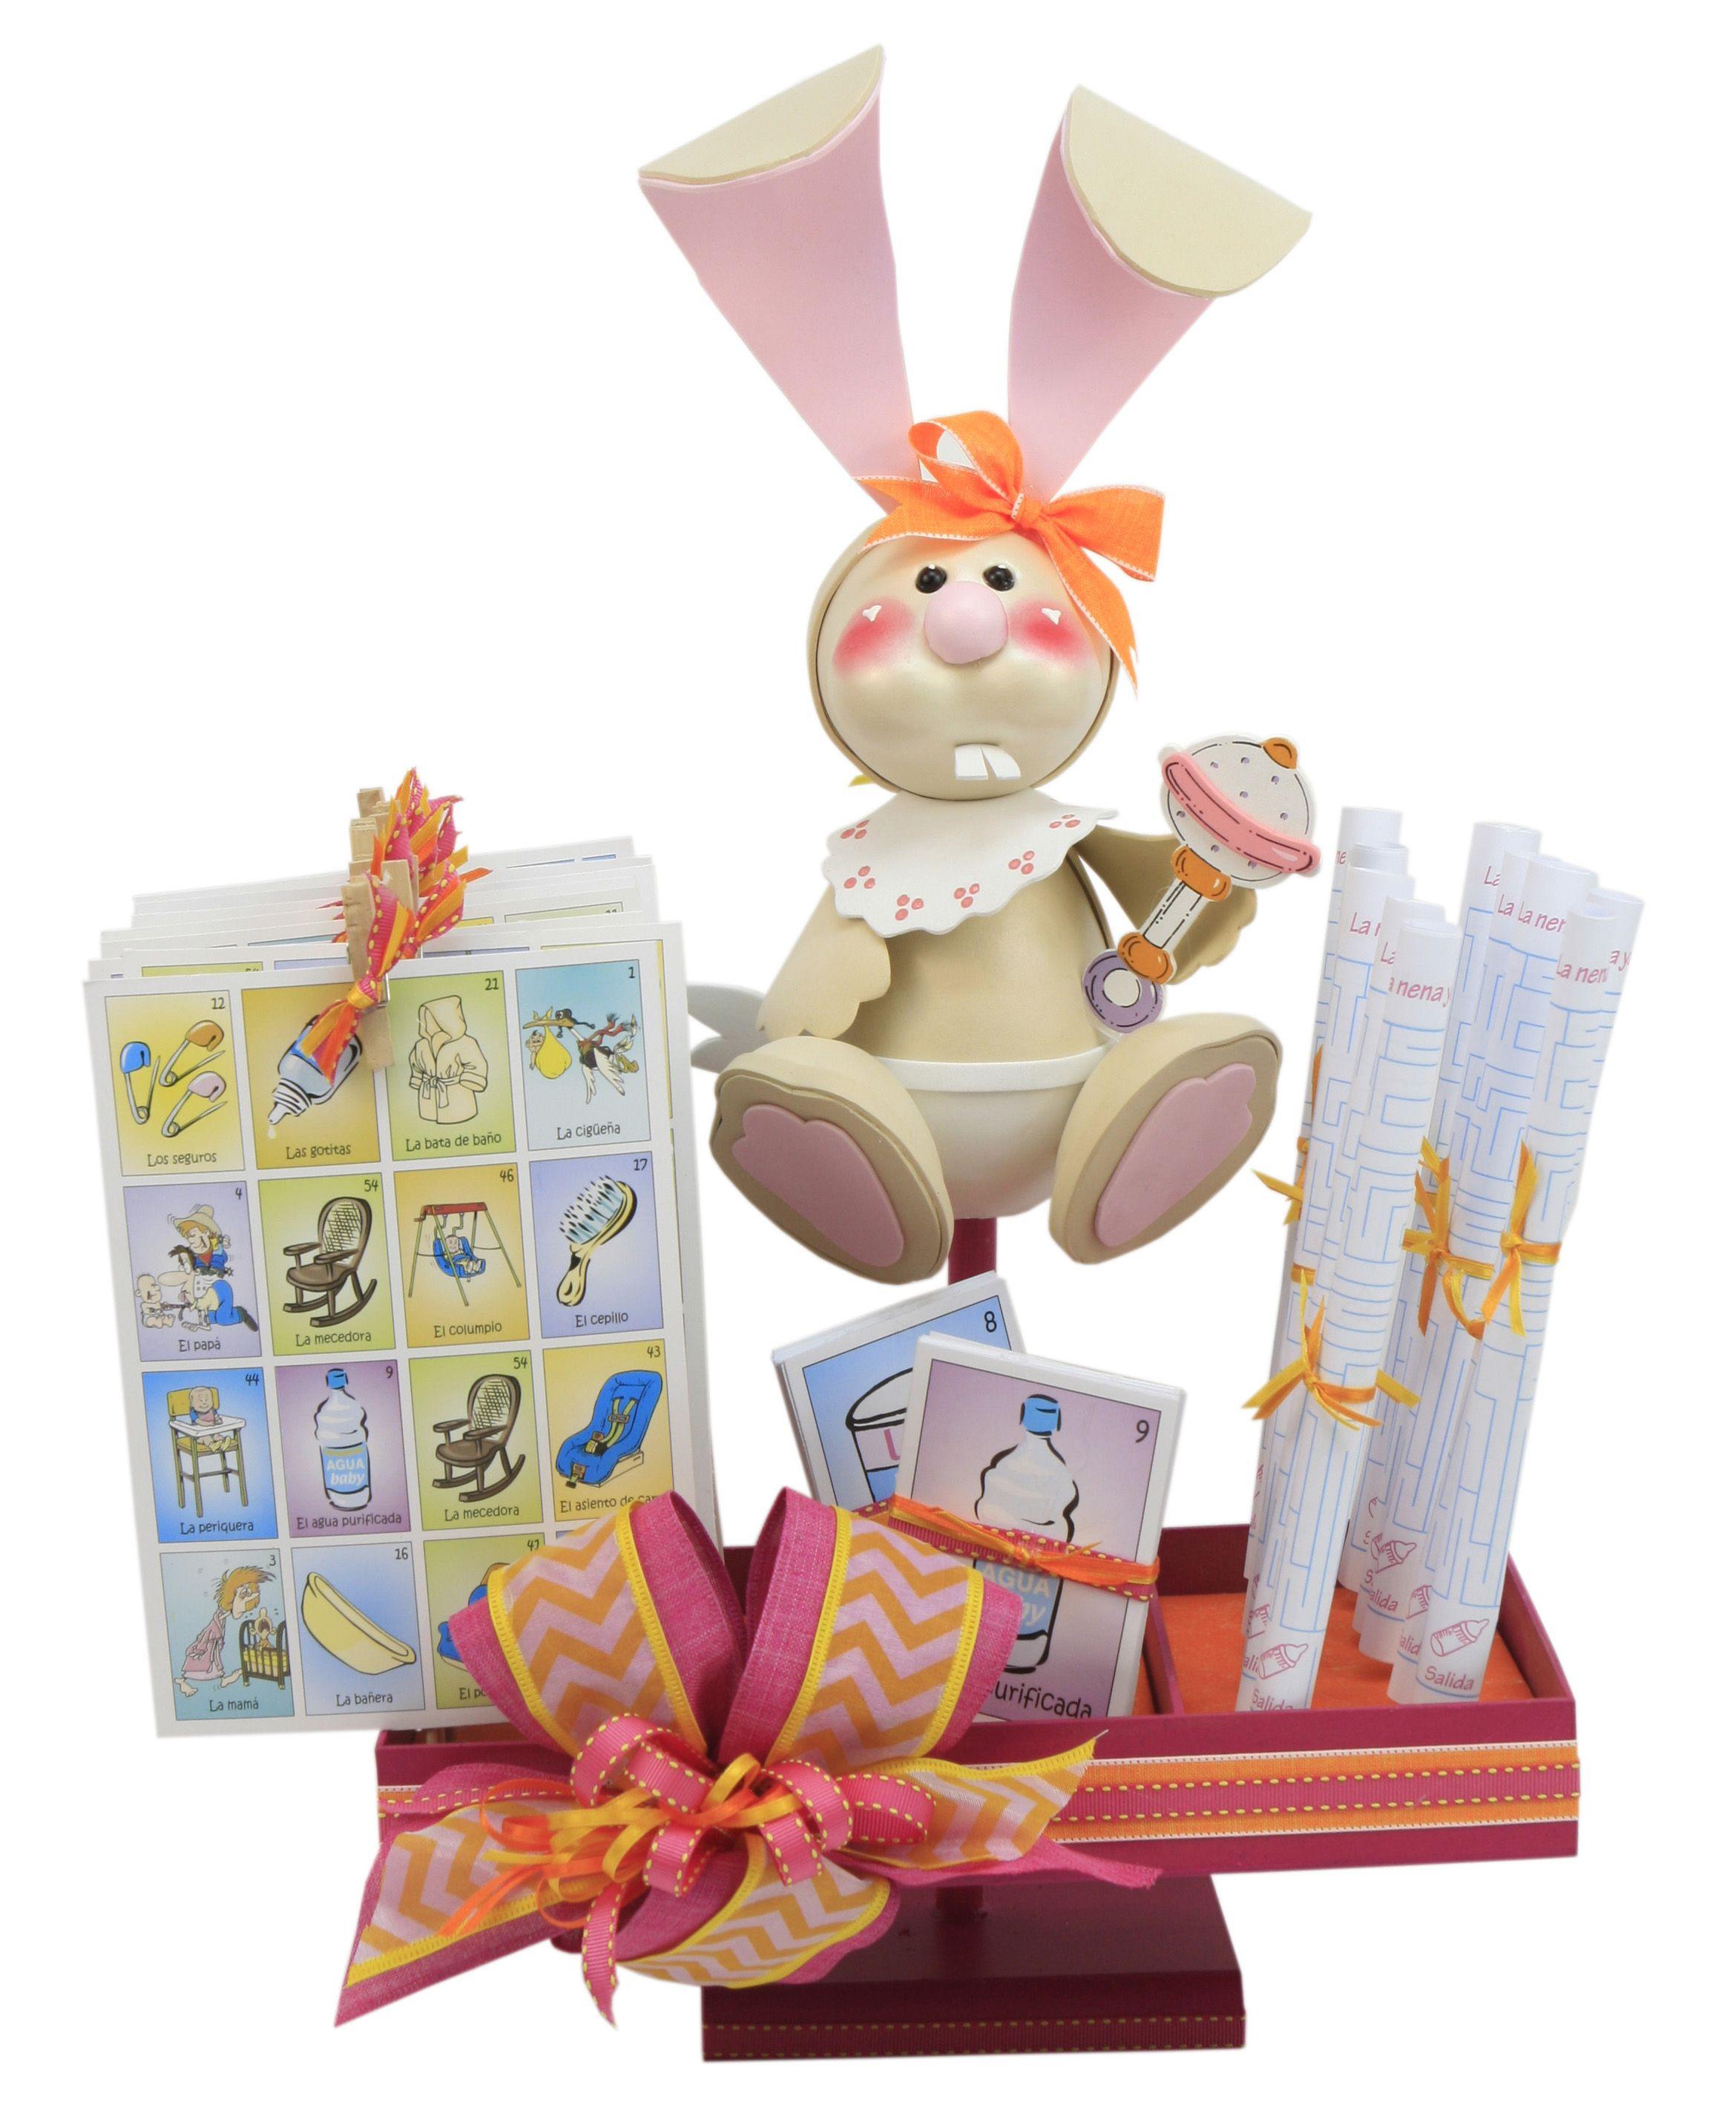 Juegos para Baby Shower Decoración rosa con conejito blanco